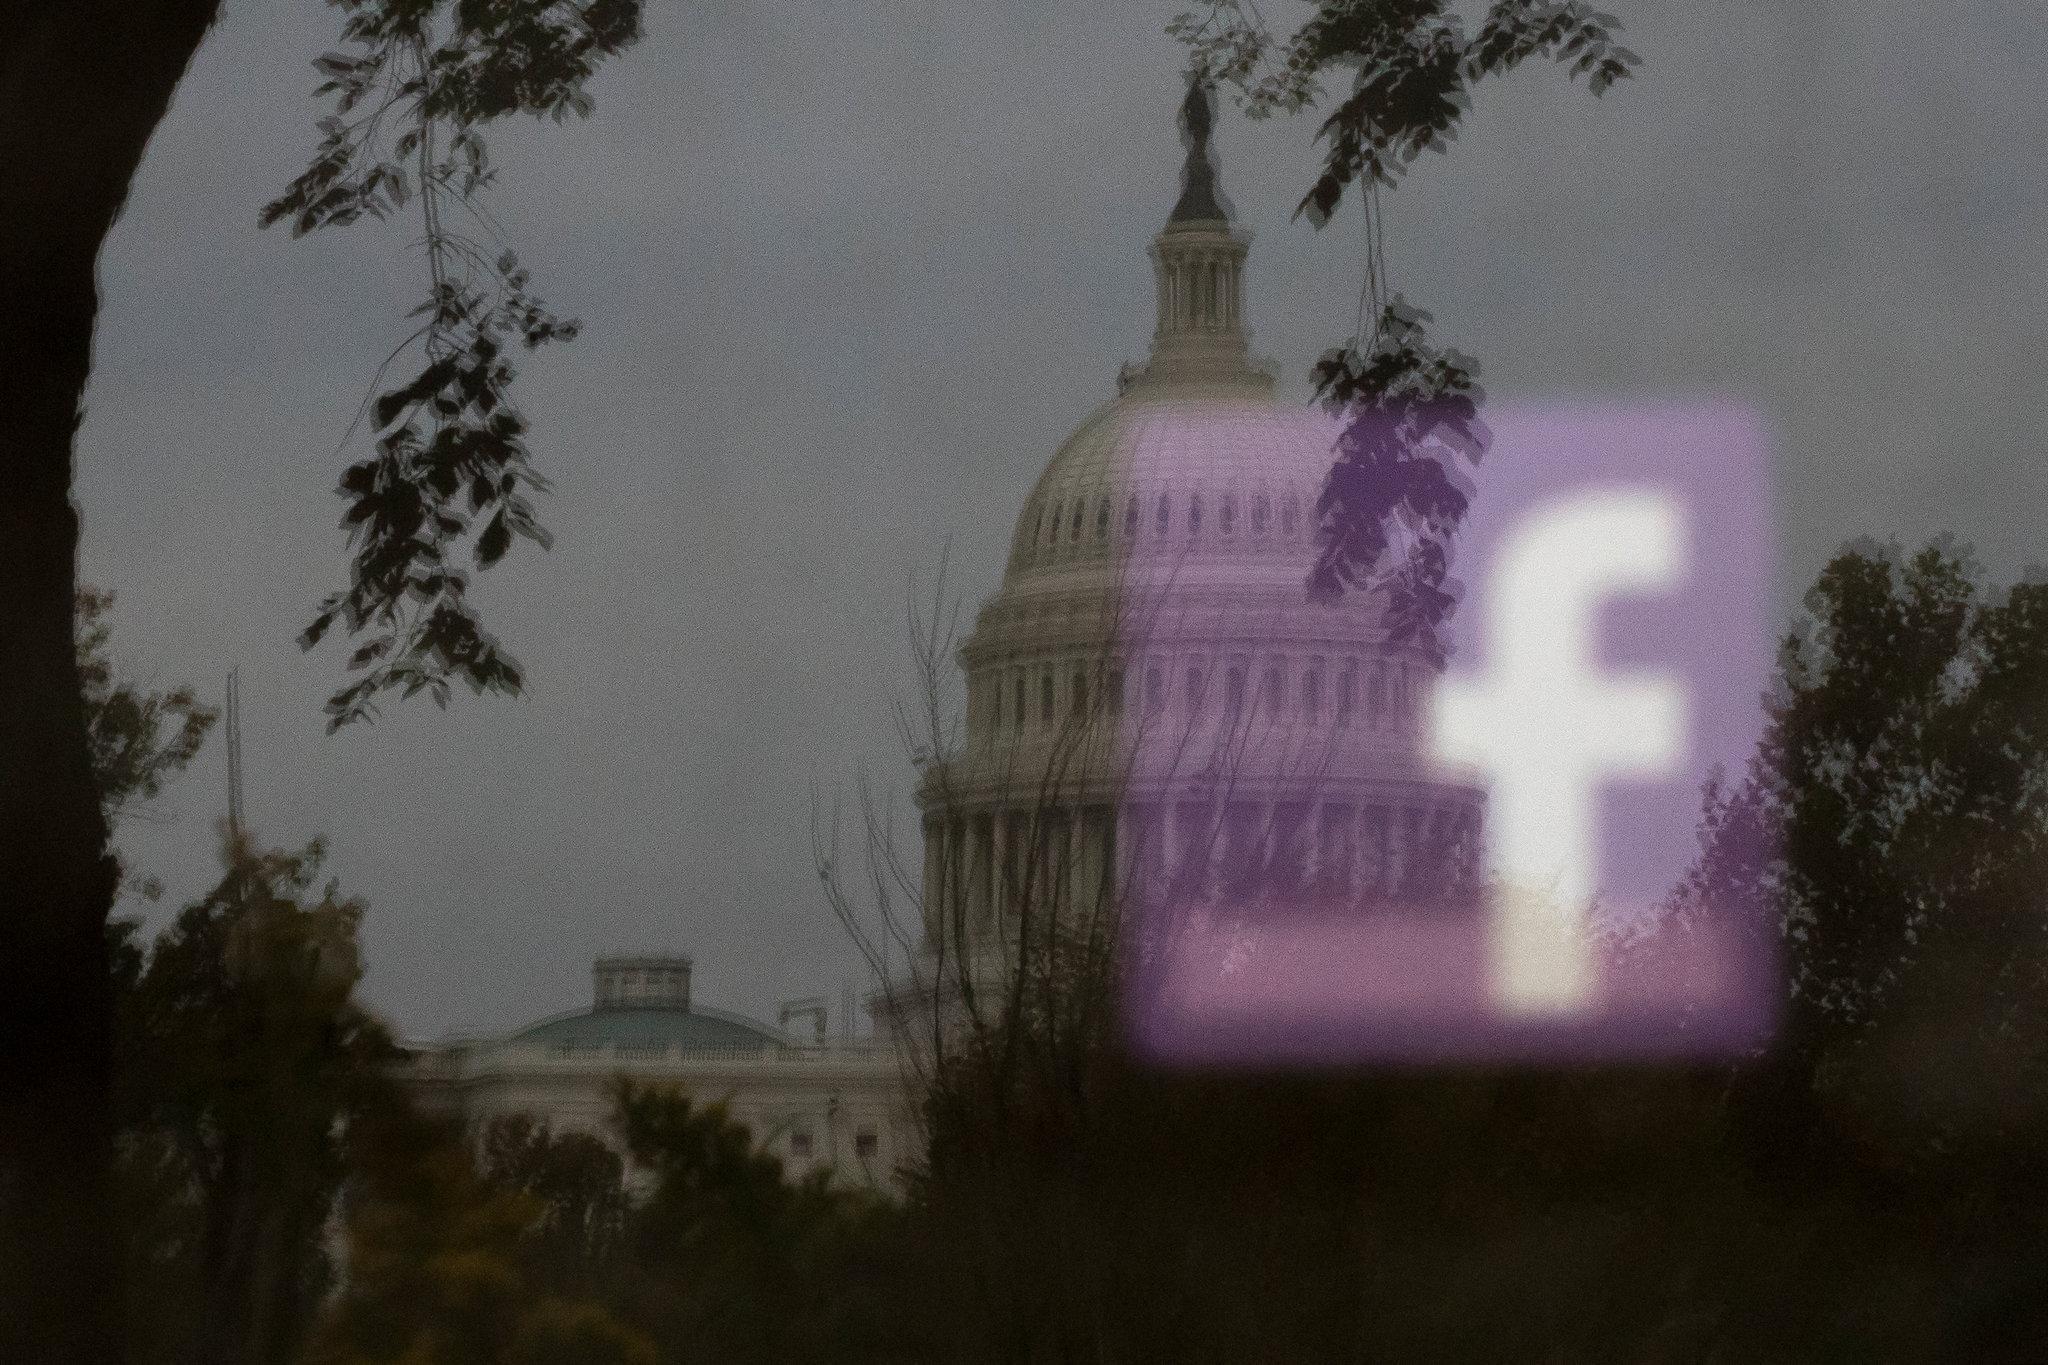 深度剖析Facebook危机策略:推诿、否认、转移视线